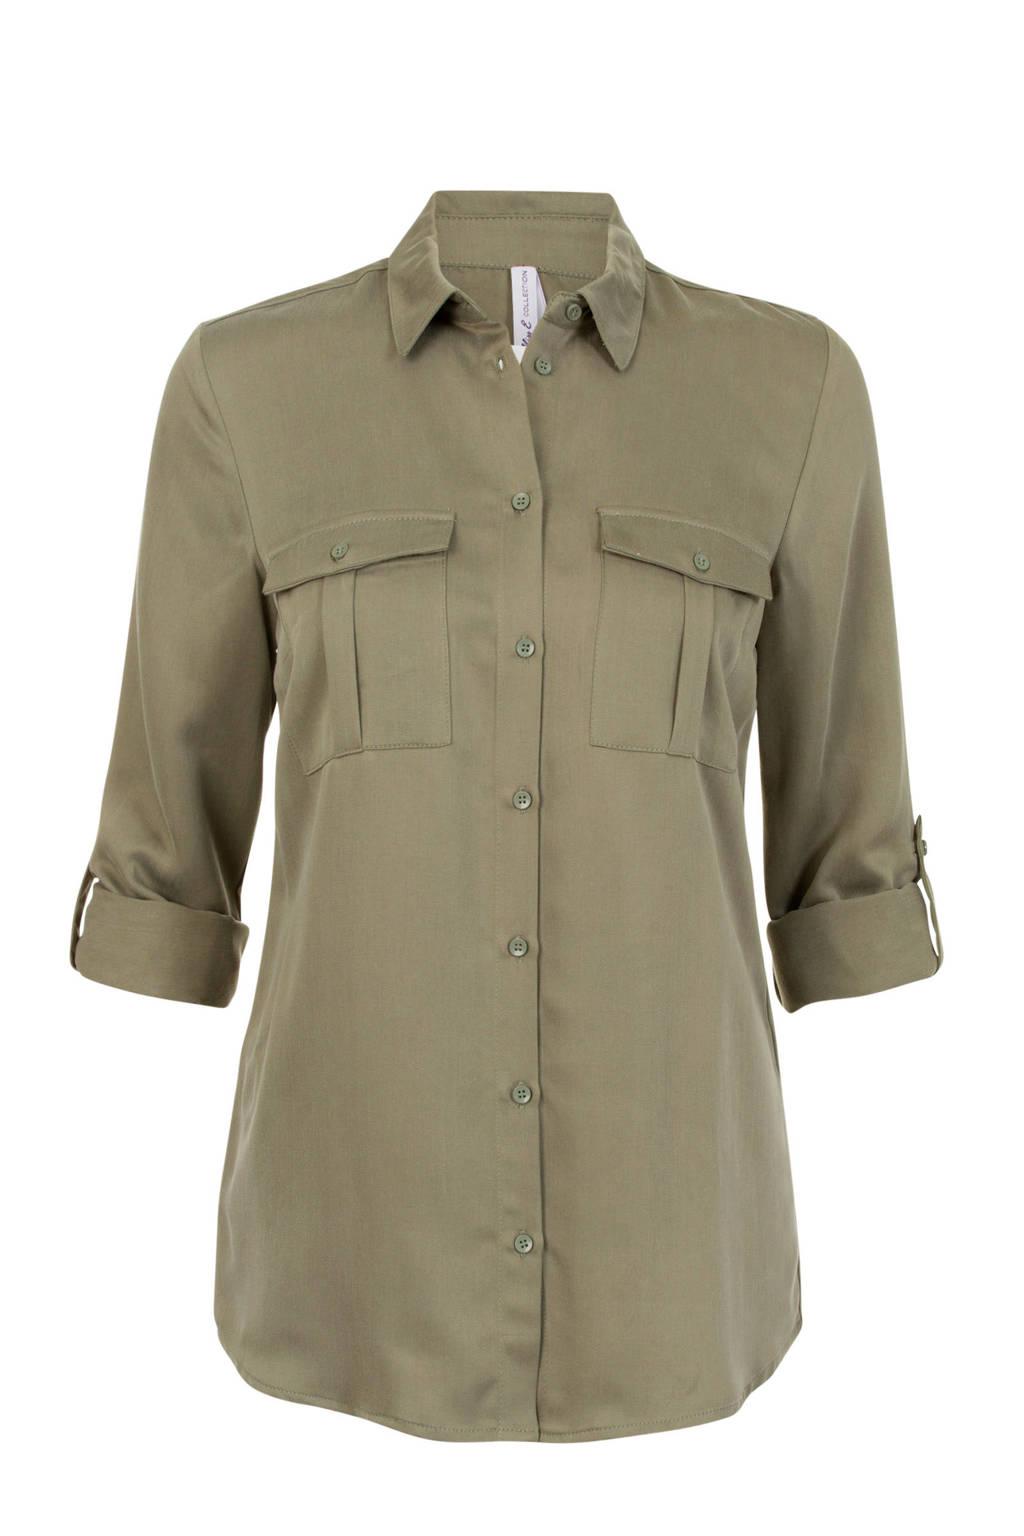 Miss Etam Regulier blouse olijfgroen, Olijfgroen